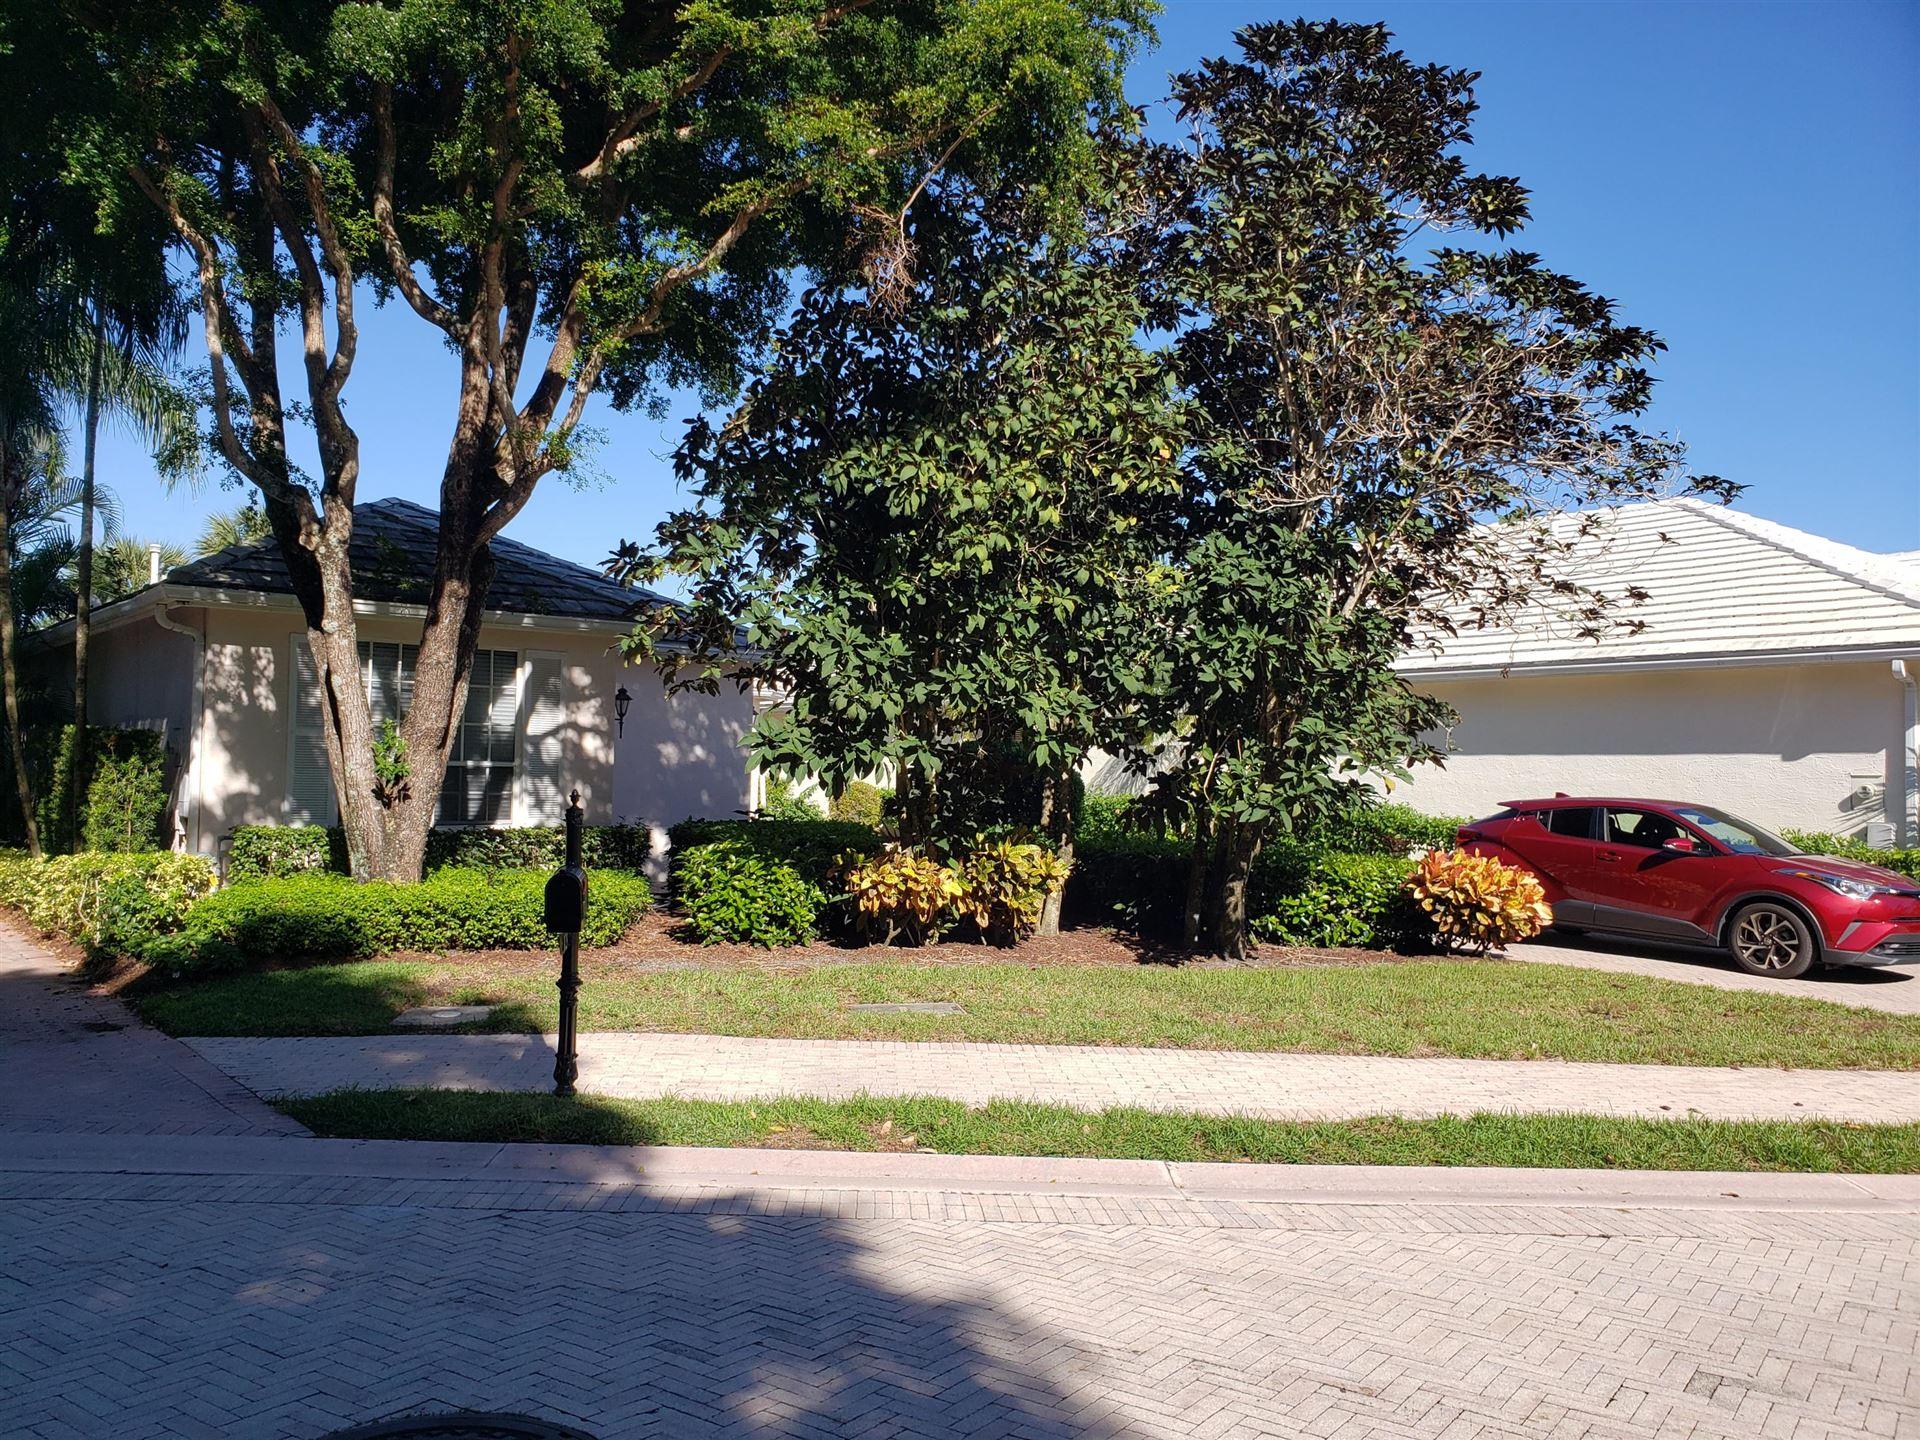 Photo of 122 Victoria Bay Court, Palm Beach Gardens, FL 33418 (MLS # RX-10675236)